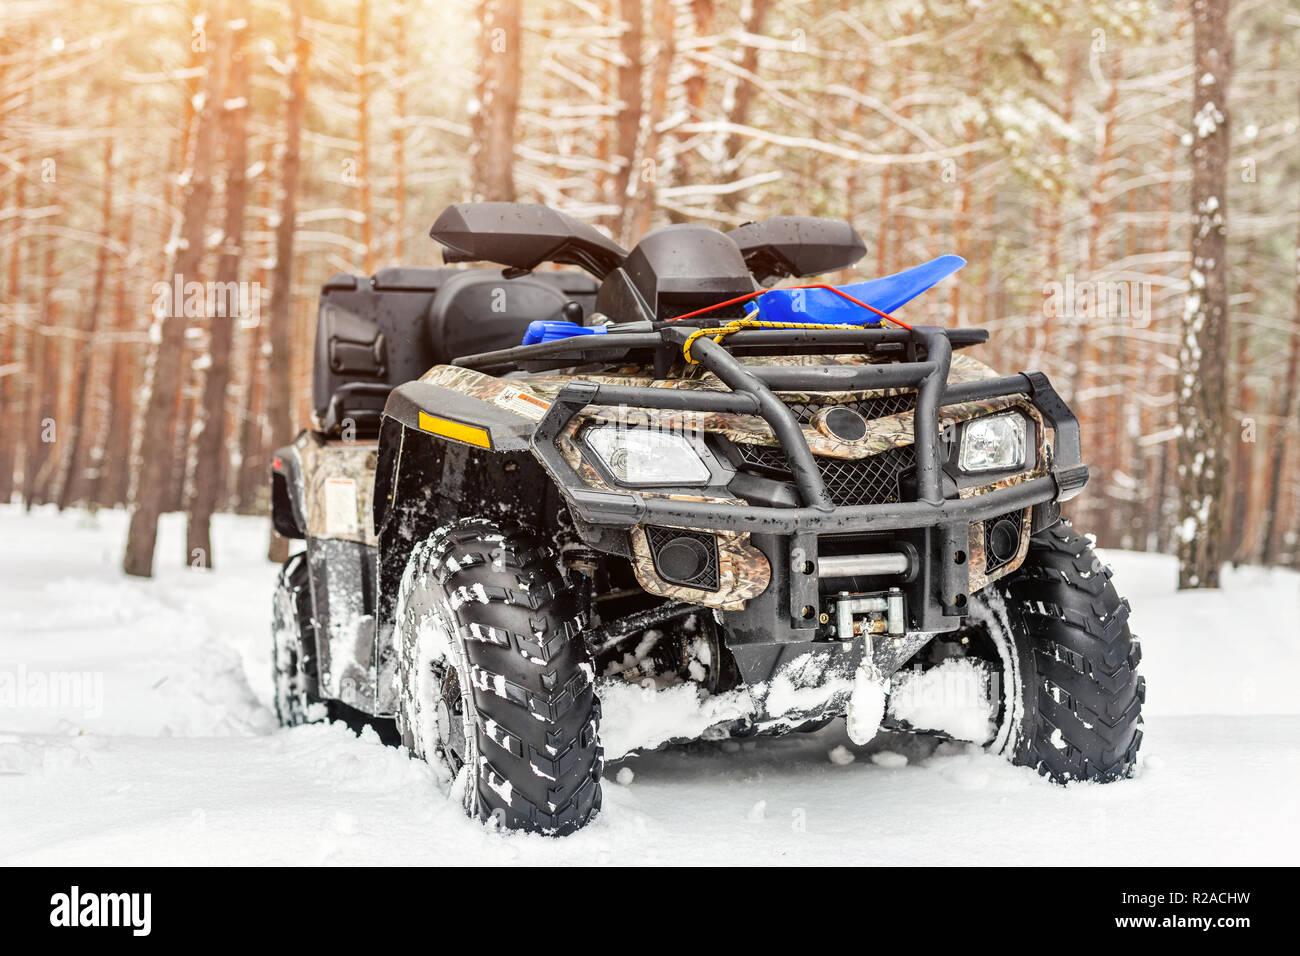 Close-up ATV Allrad Quad Bike im Wald im Winter. 4WD-Fahrzeug terreain stand bei starkem Schneefall mit tiefen Spur. Saisonale extreme Sport Abenteuer und Reise. Copyspace Stockfoto